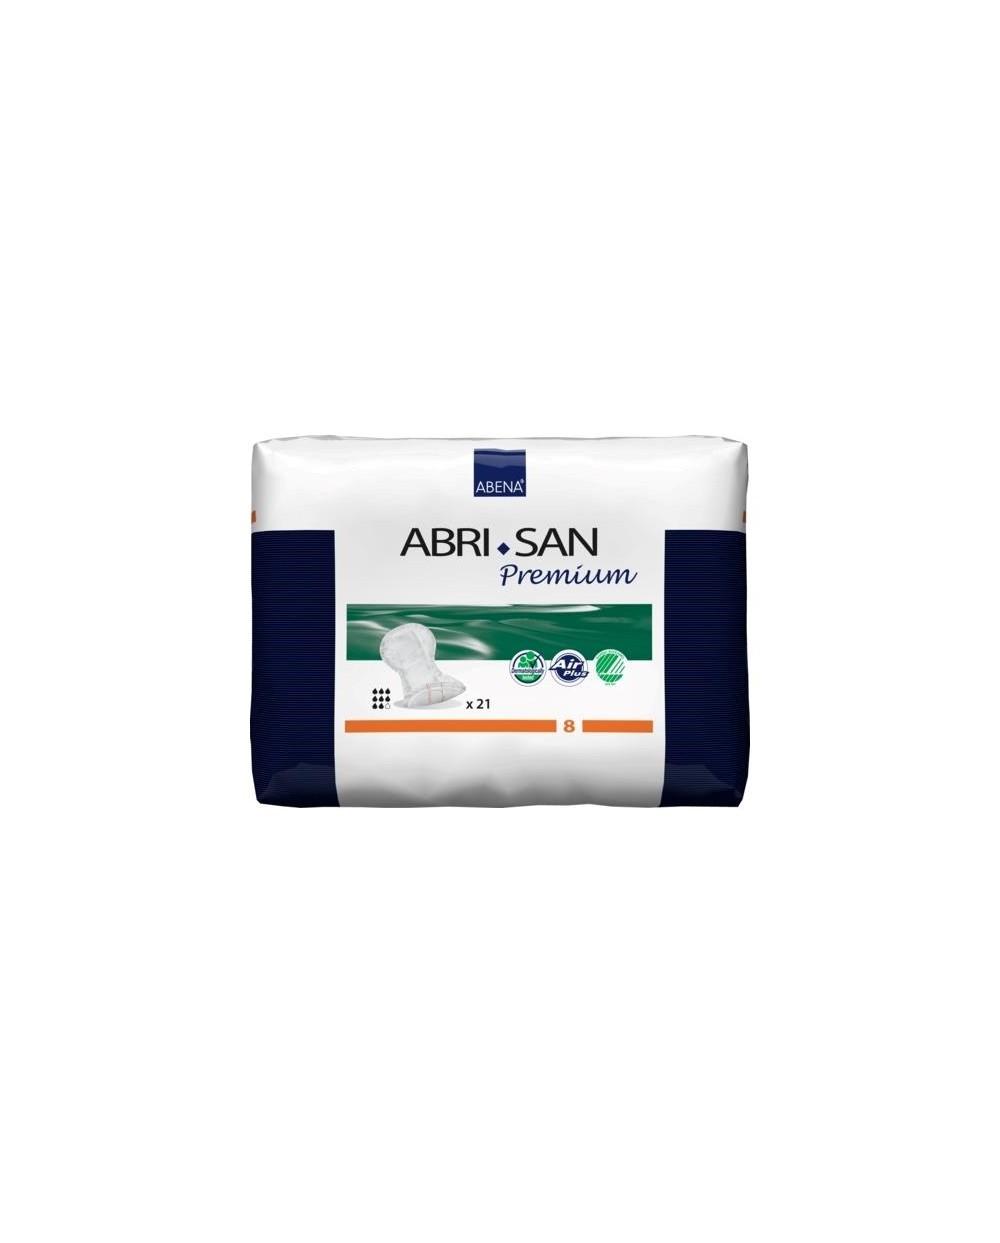 ABENA Abri-San Premium 8 - 21 protections